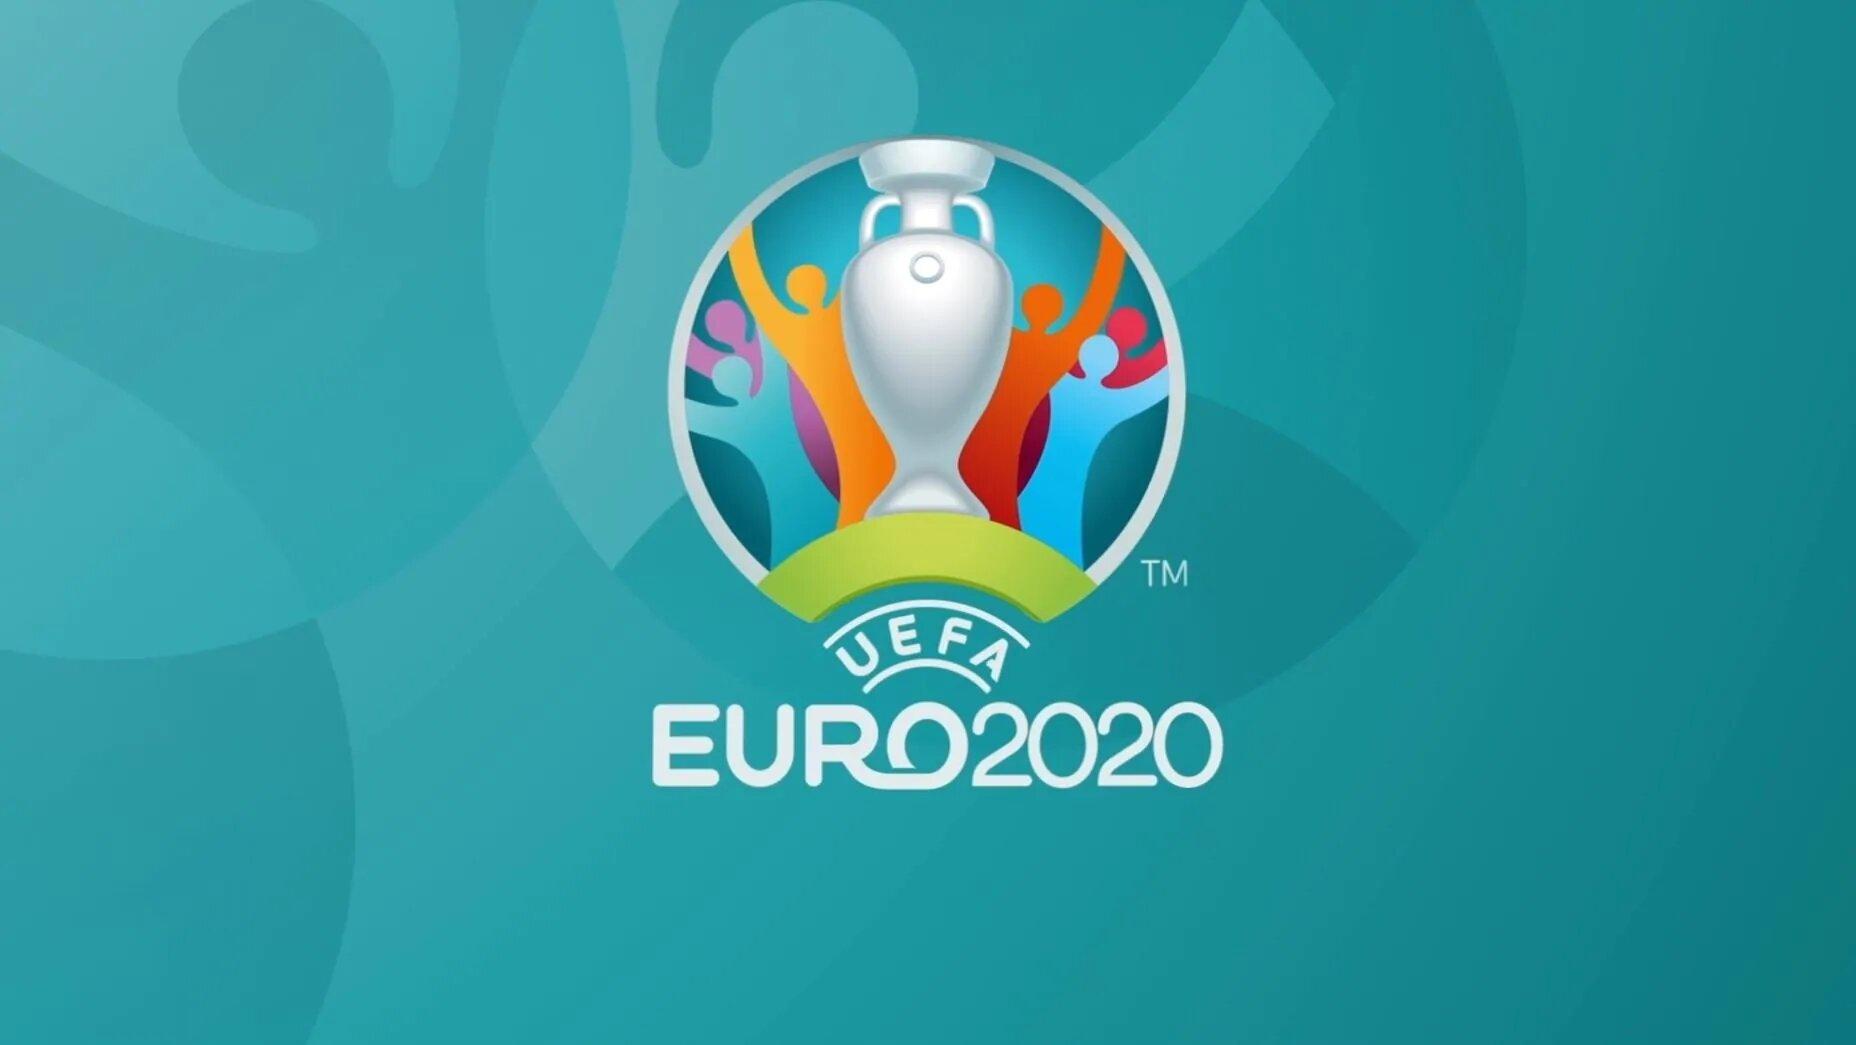 Pour l'UEFA il n'y a aucun doute, l'Eurocup se jouera comme prévu: Rotonde sportive - Championnat d'Europe de Football 2020